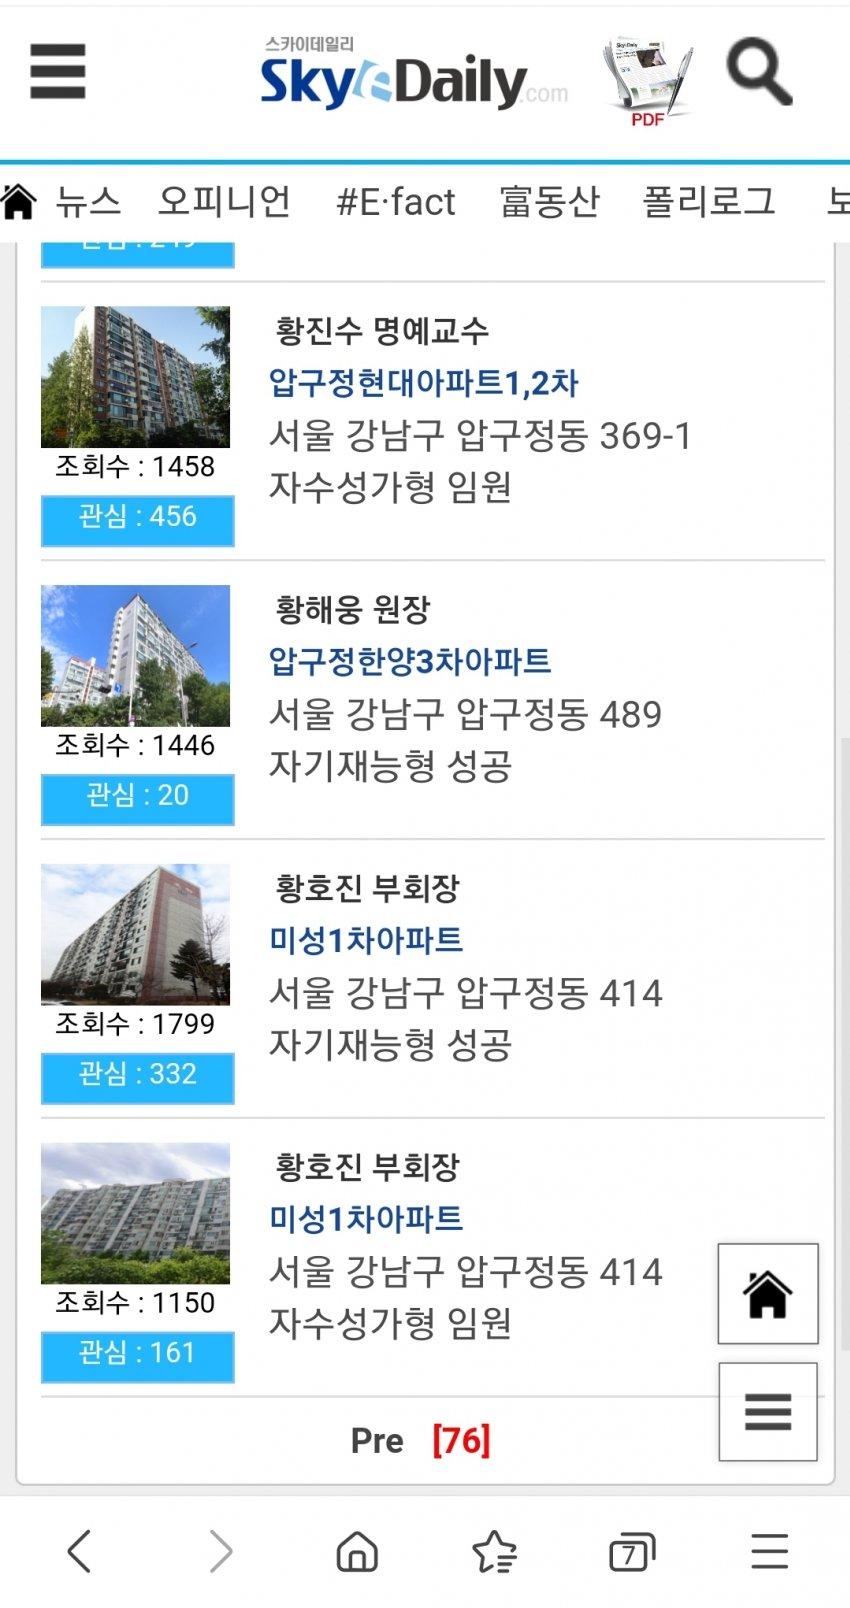 viewimage.php?id=24b0dd29f3d33aaa6bac&no=24b0d769e1d32ca73ceb86fa11d02831eebc6c37c2fa034916facb03232605e3d60f2b4282eddd968e6ae2c8400549b3ae5f5a8a0e813a7230718edb764feabe0db7bb62ae4ce6d75e3e4f7204d57f5a15c51d968e41708b68d3410961837945c8a5346eb45ce1a3aacd06e46744b492